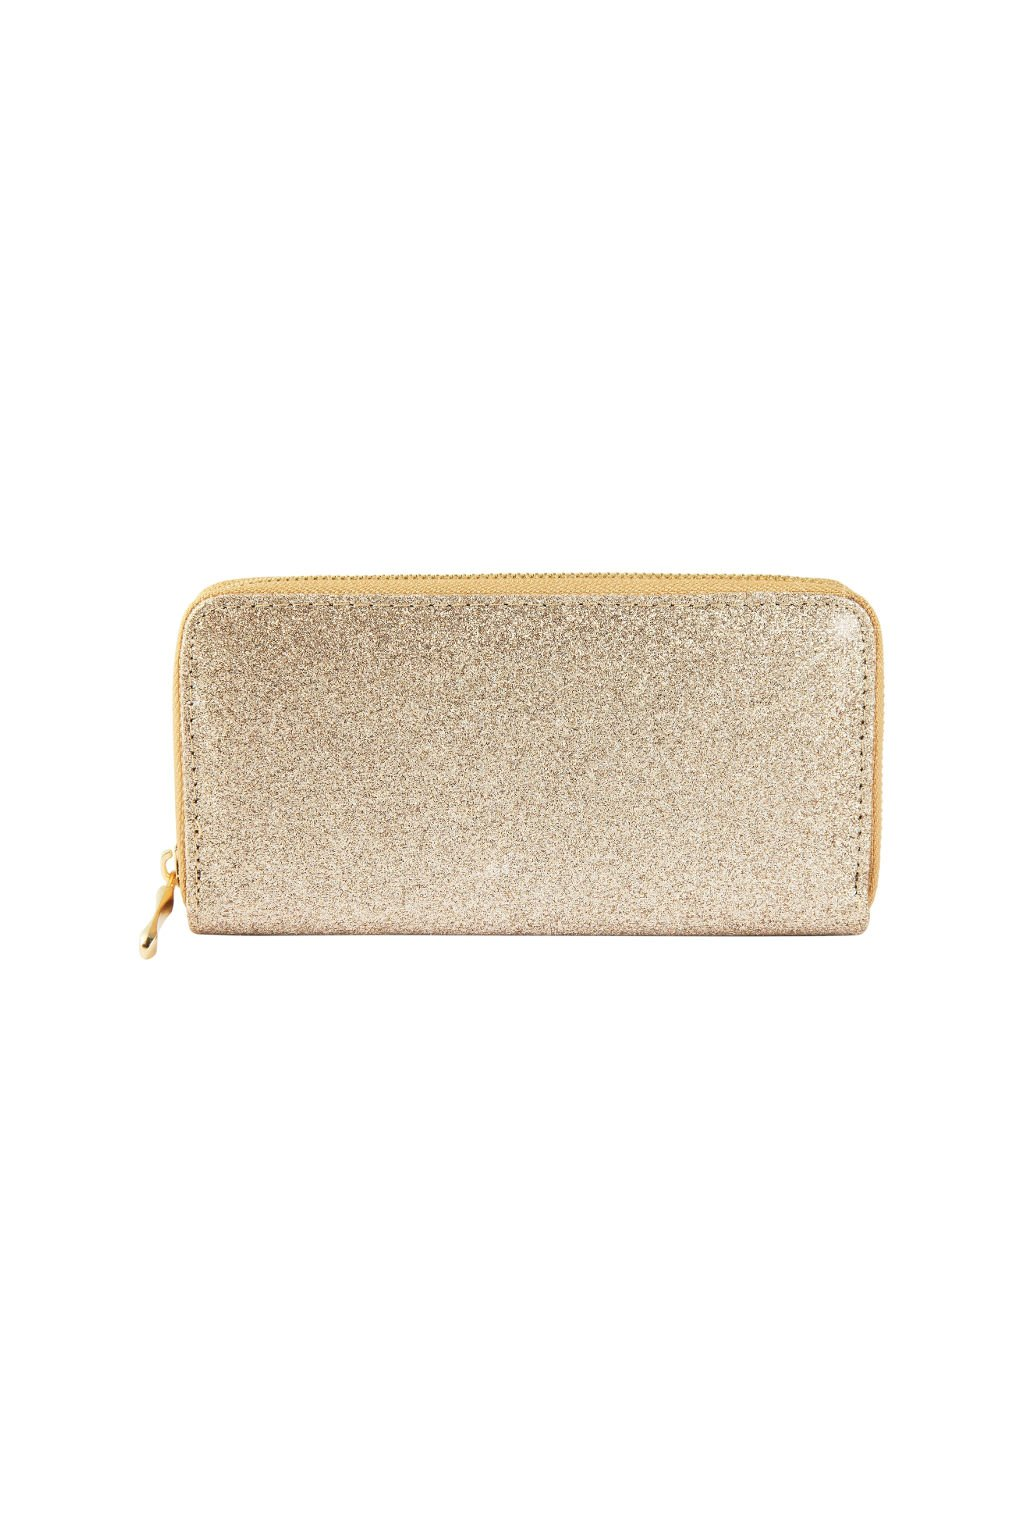 Peněženka s hrubým zlatým povrchem